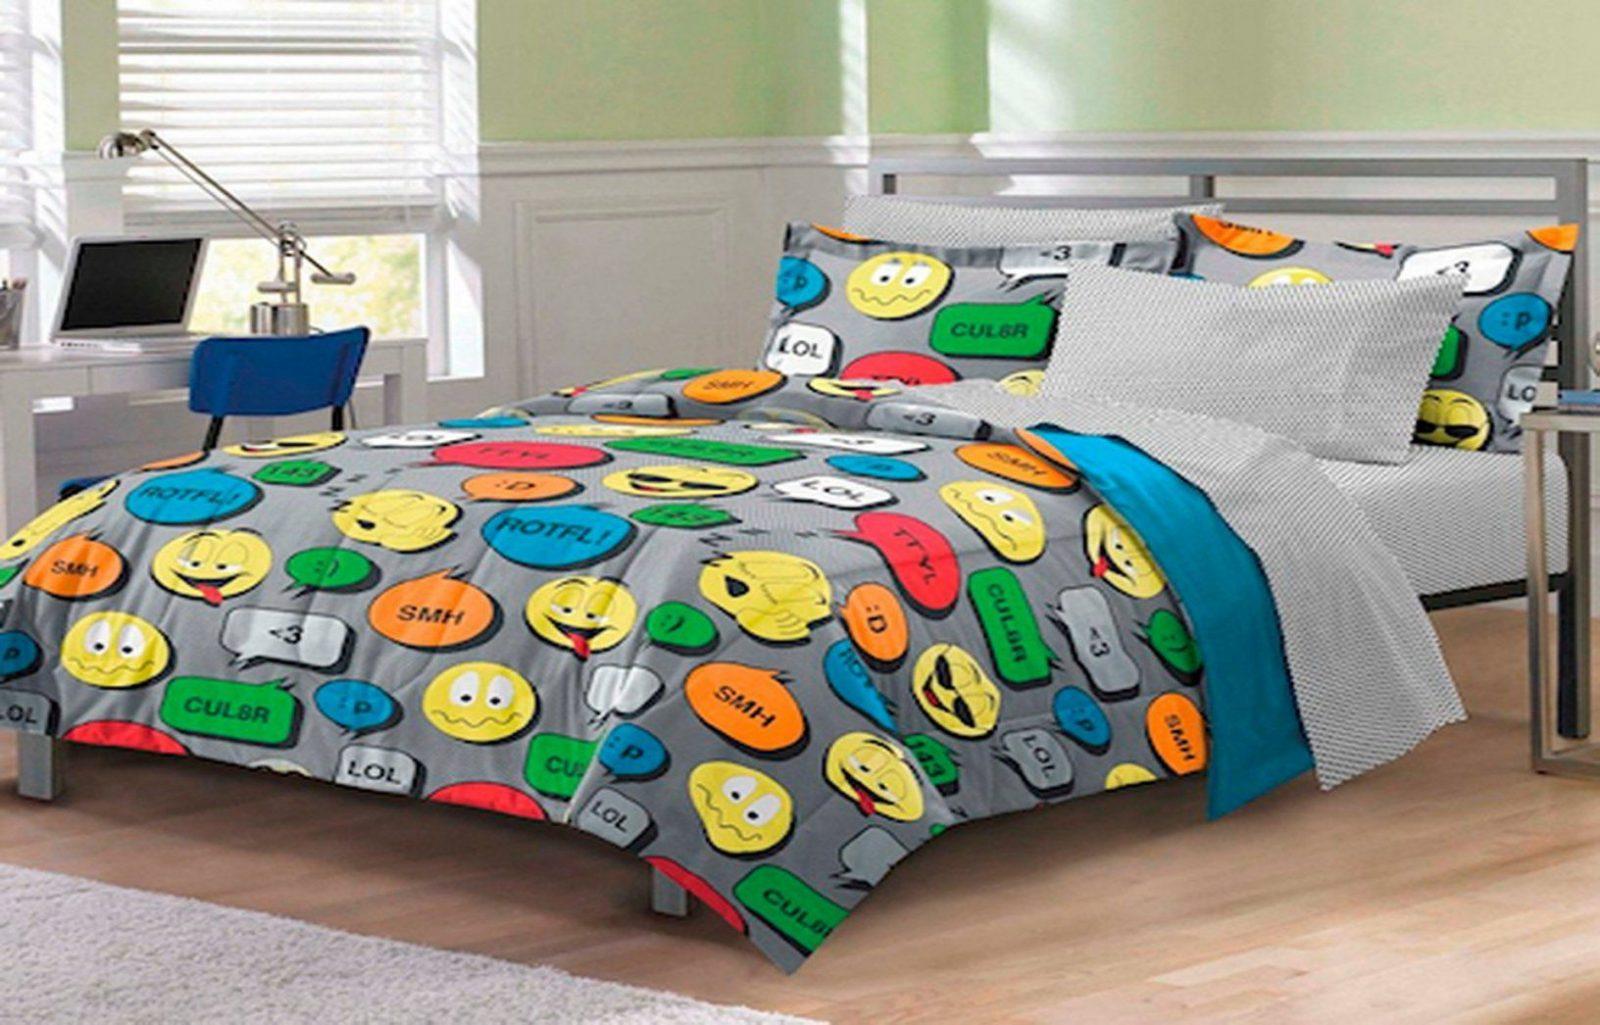 Jung & Wilde Zimmer 21 Coole Bettwäsche Für Teenager  Kinderzimmer von Coole Bettwäsche Für Männer Bild